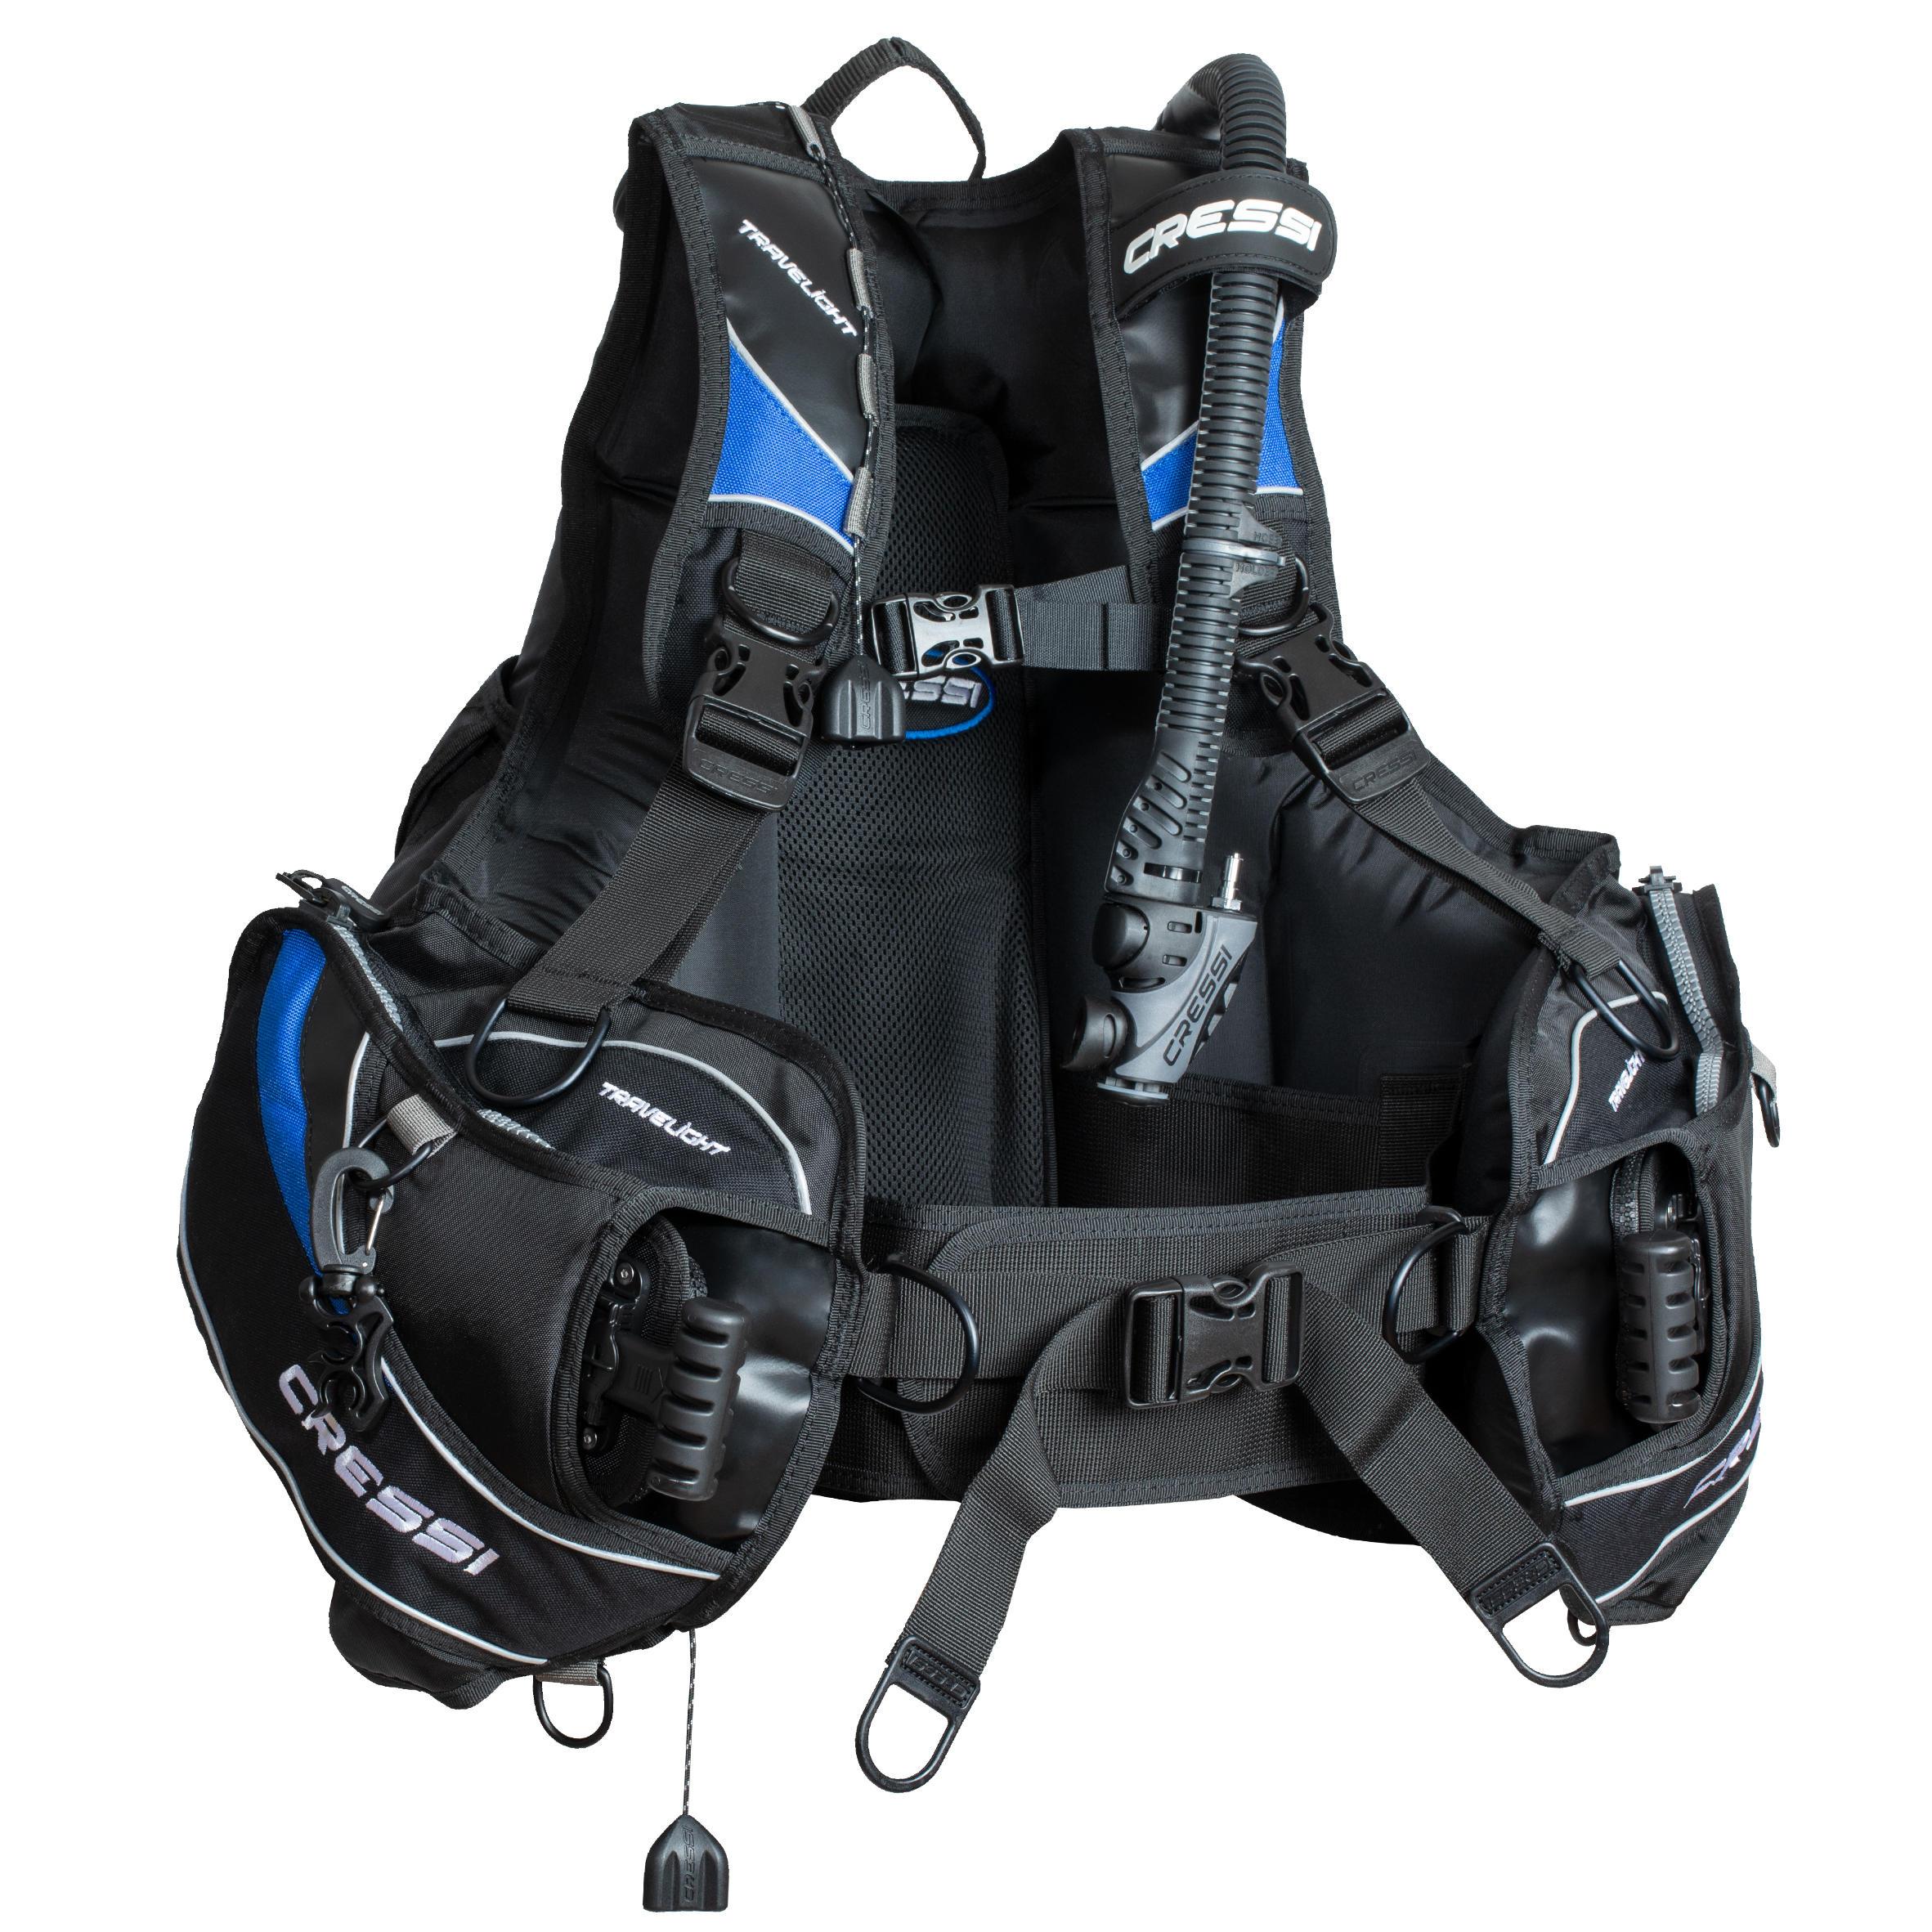 Tarierweste Tarierjacket Travelight BCD schwarz| ideal für Tauchreisen | Sportbekleidung > Sportwesten | Cressi